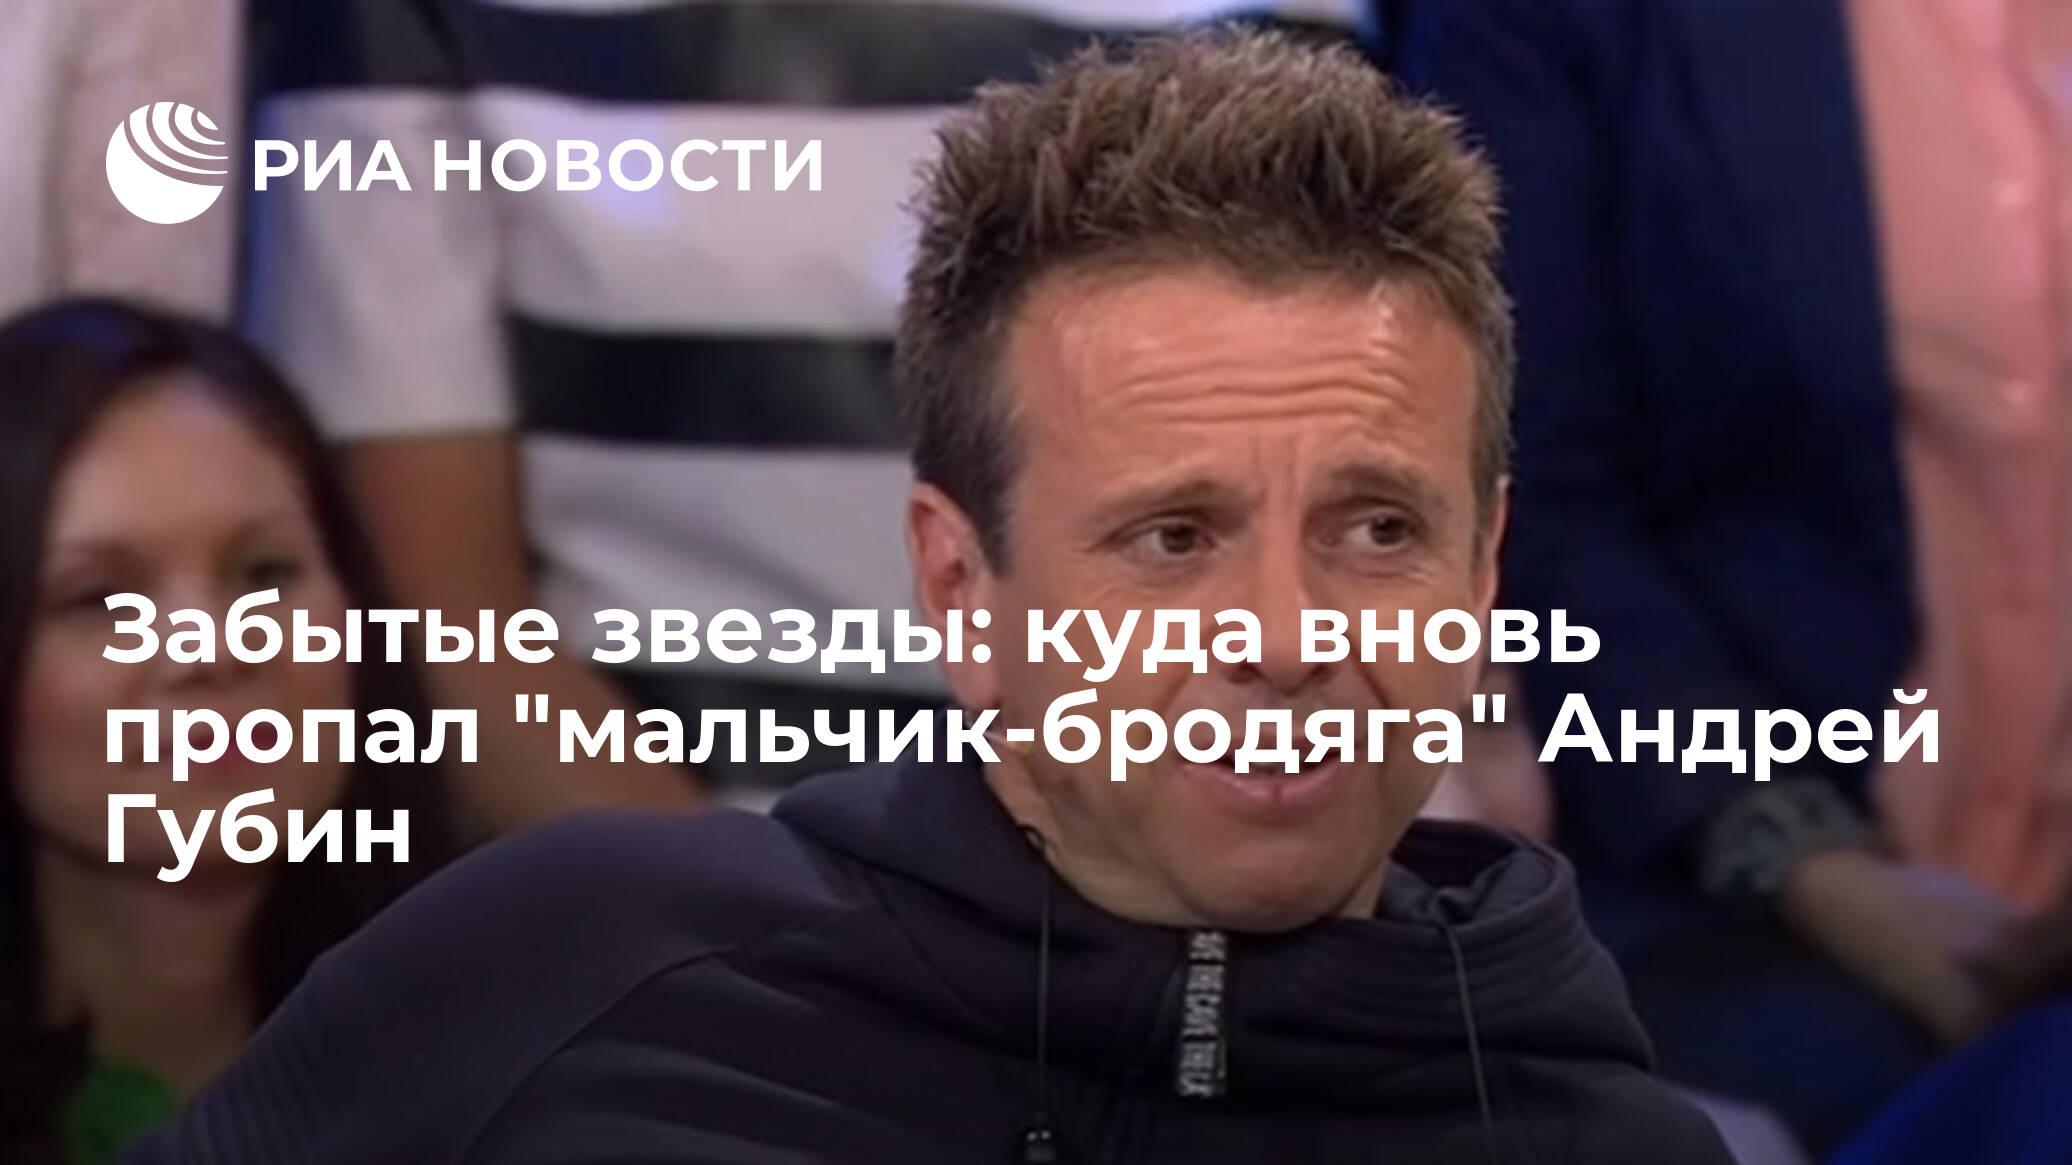 Забытые звезды: куда опять пропал «мальчик-бродяга» Андрей Губин